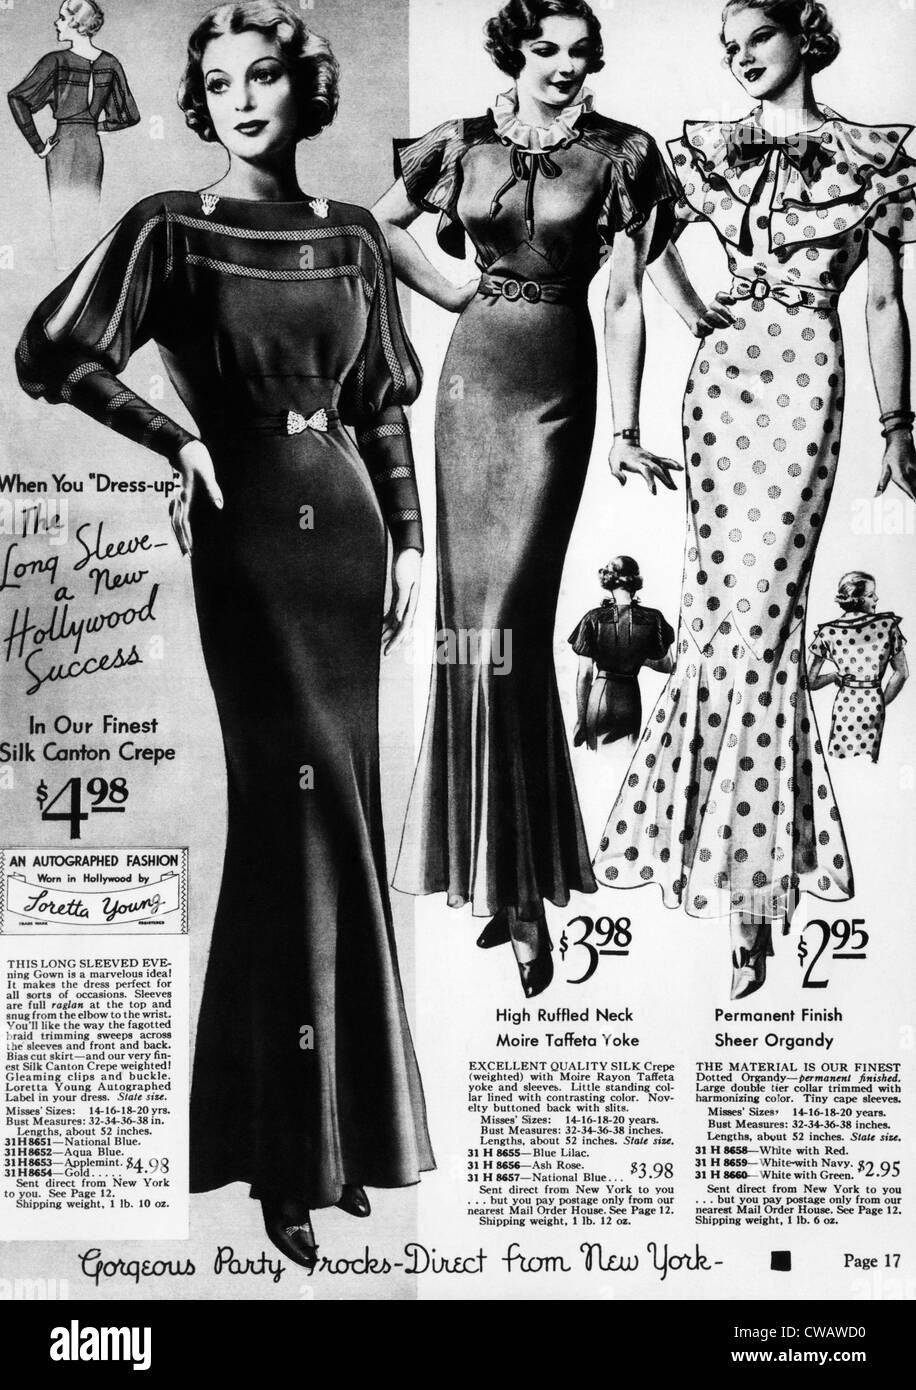 Una pagina da un 1935 Sears Roebuck catalogo offre un 'firmato Fashion: indossato in Hollywood da Loretta Young' Immagini Stock